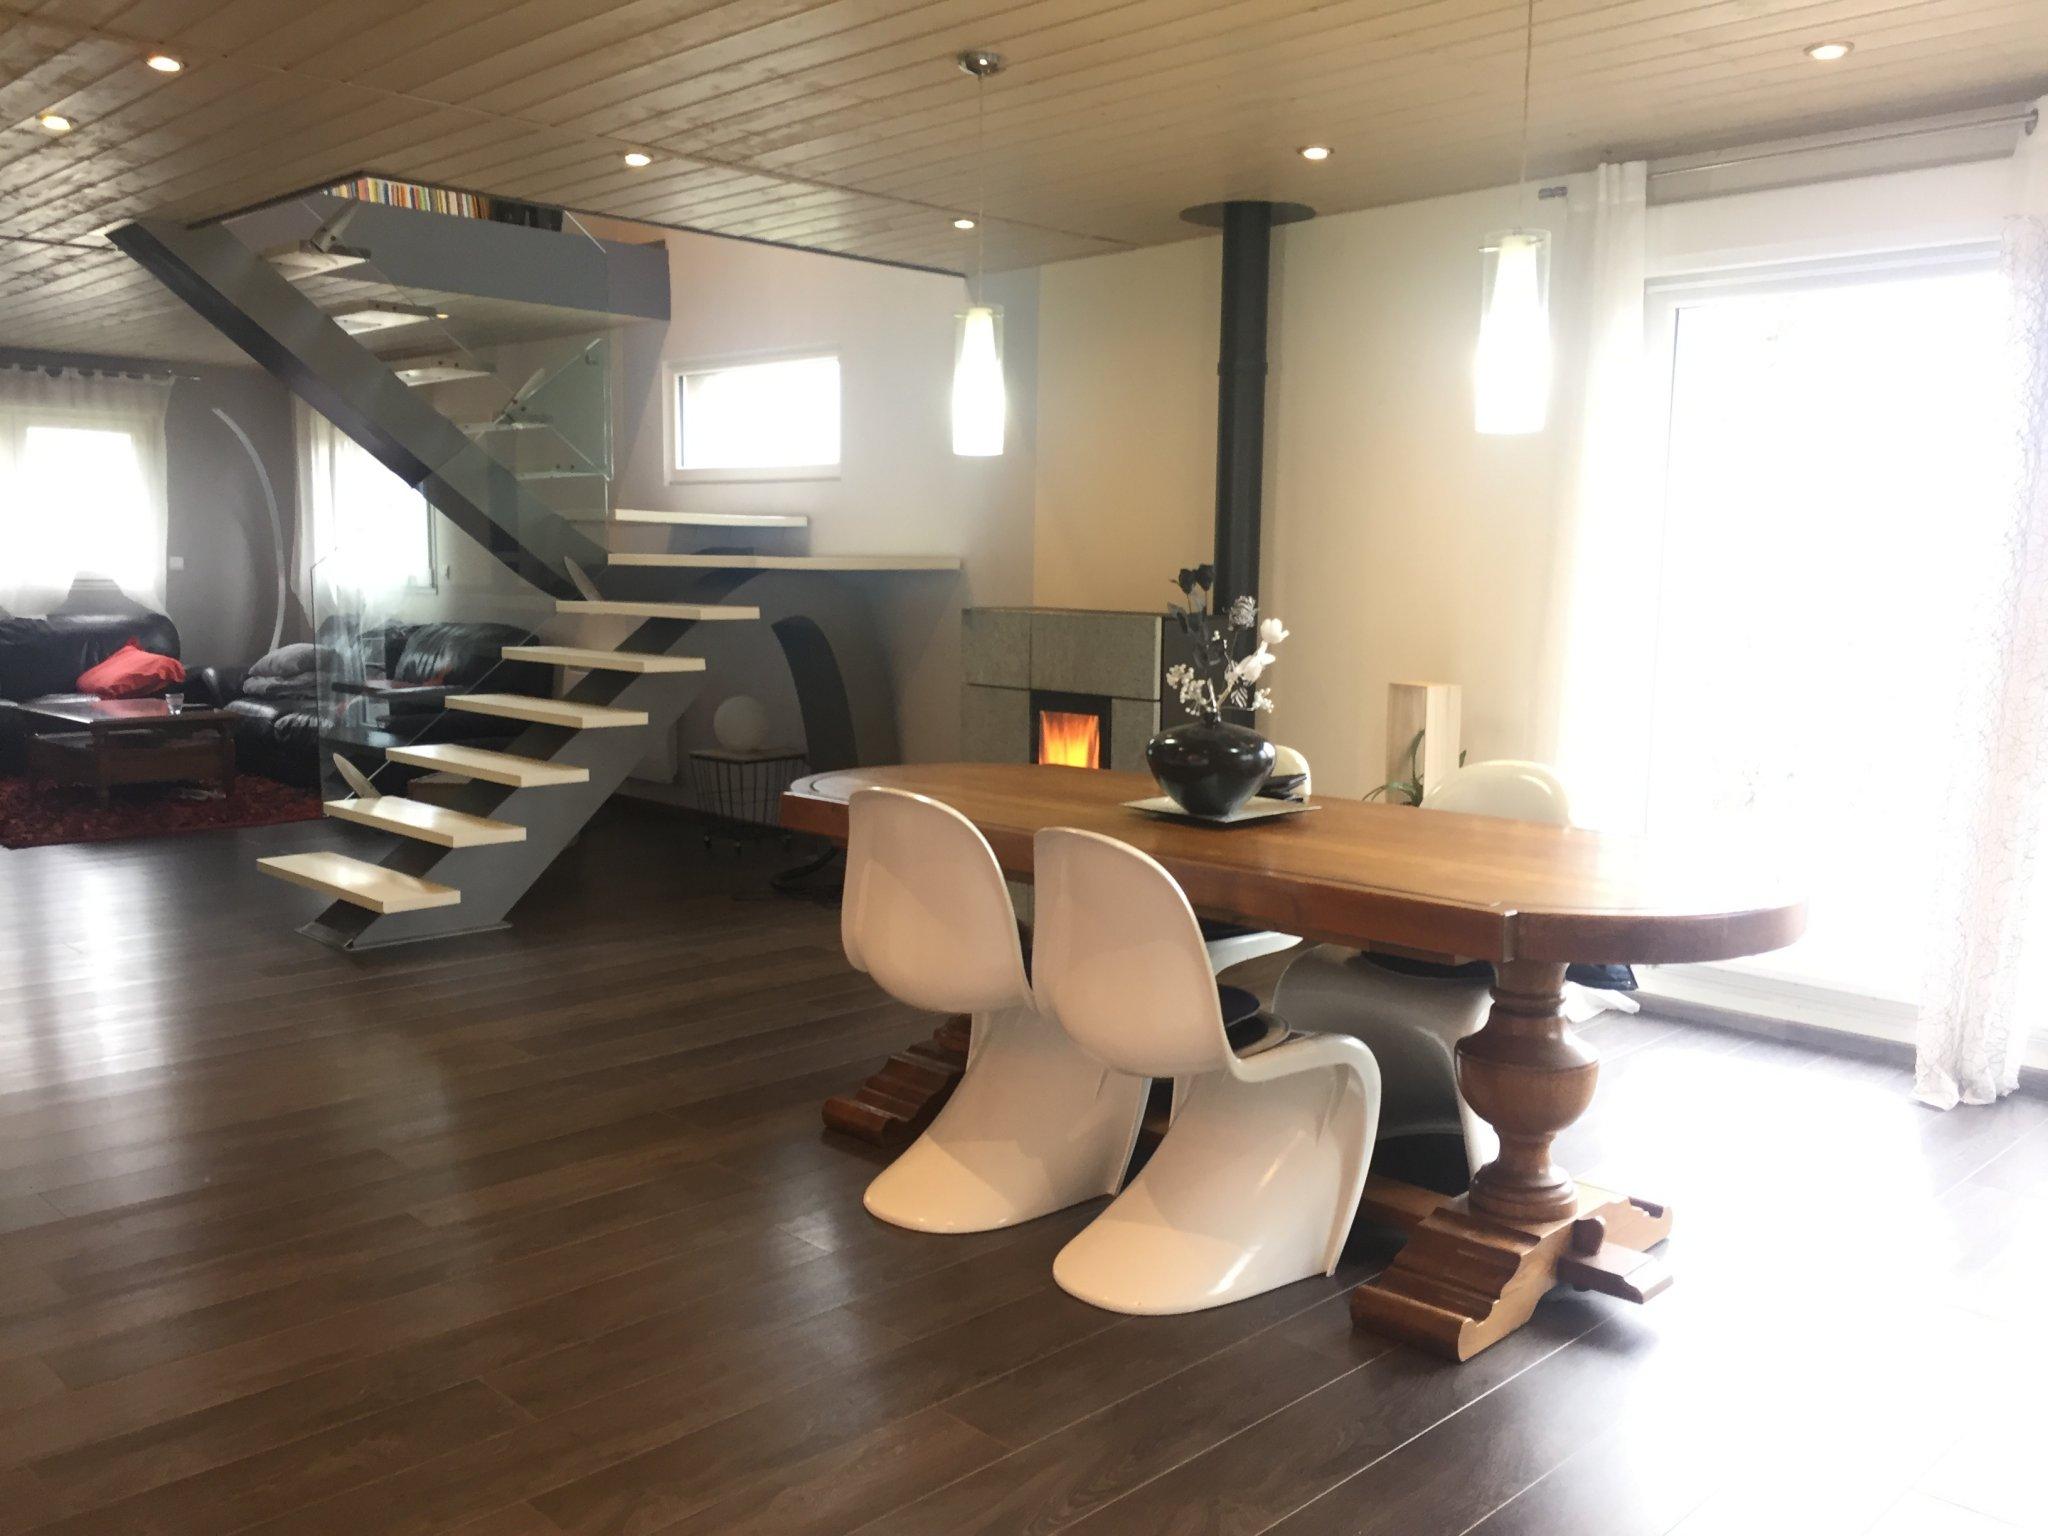 Vente Maison 8 Pièces 176 M² concernant Chambre Des Metiers Belfort